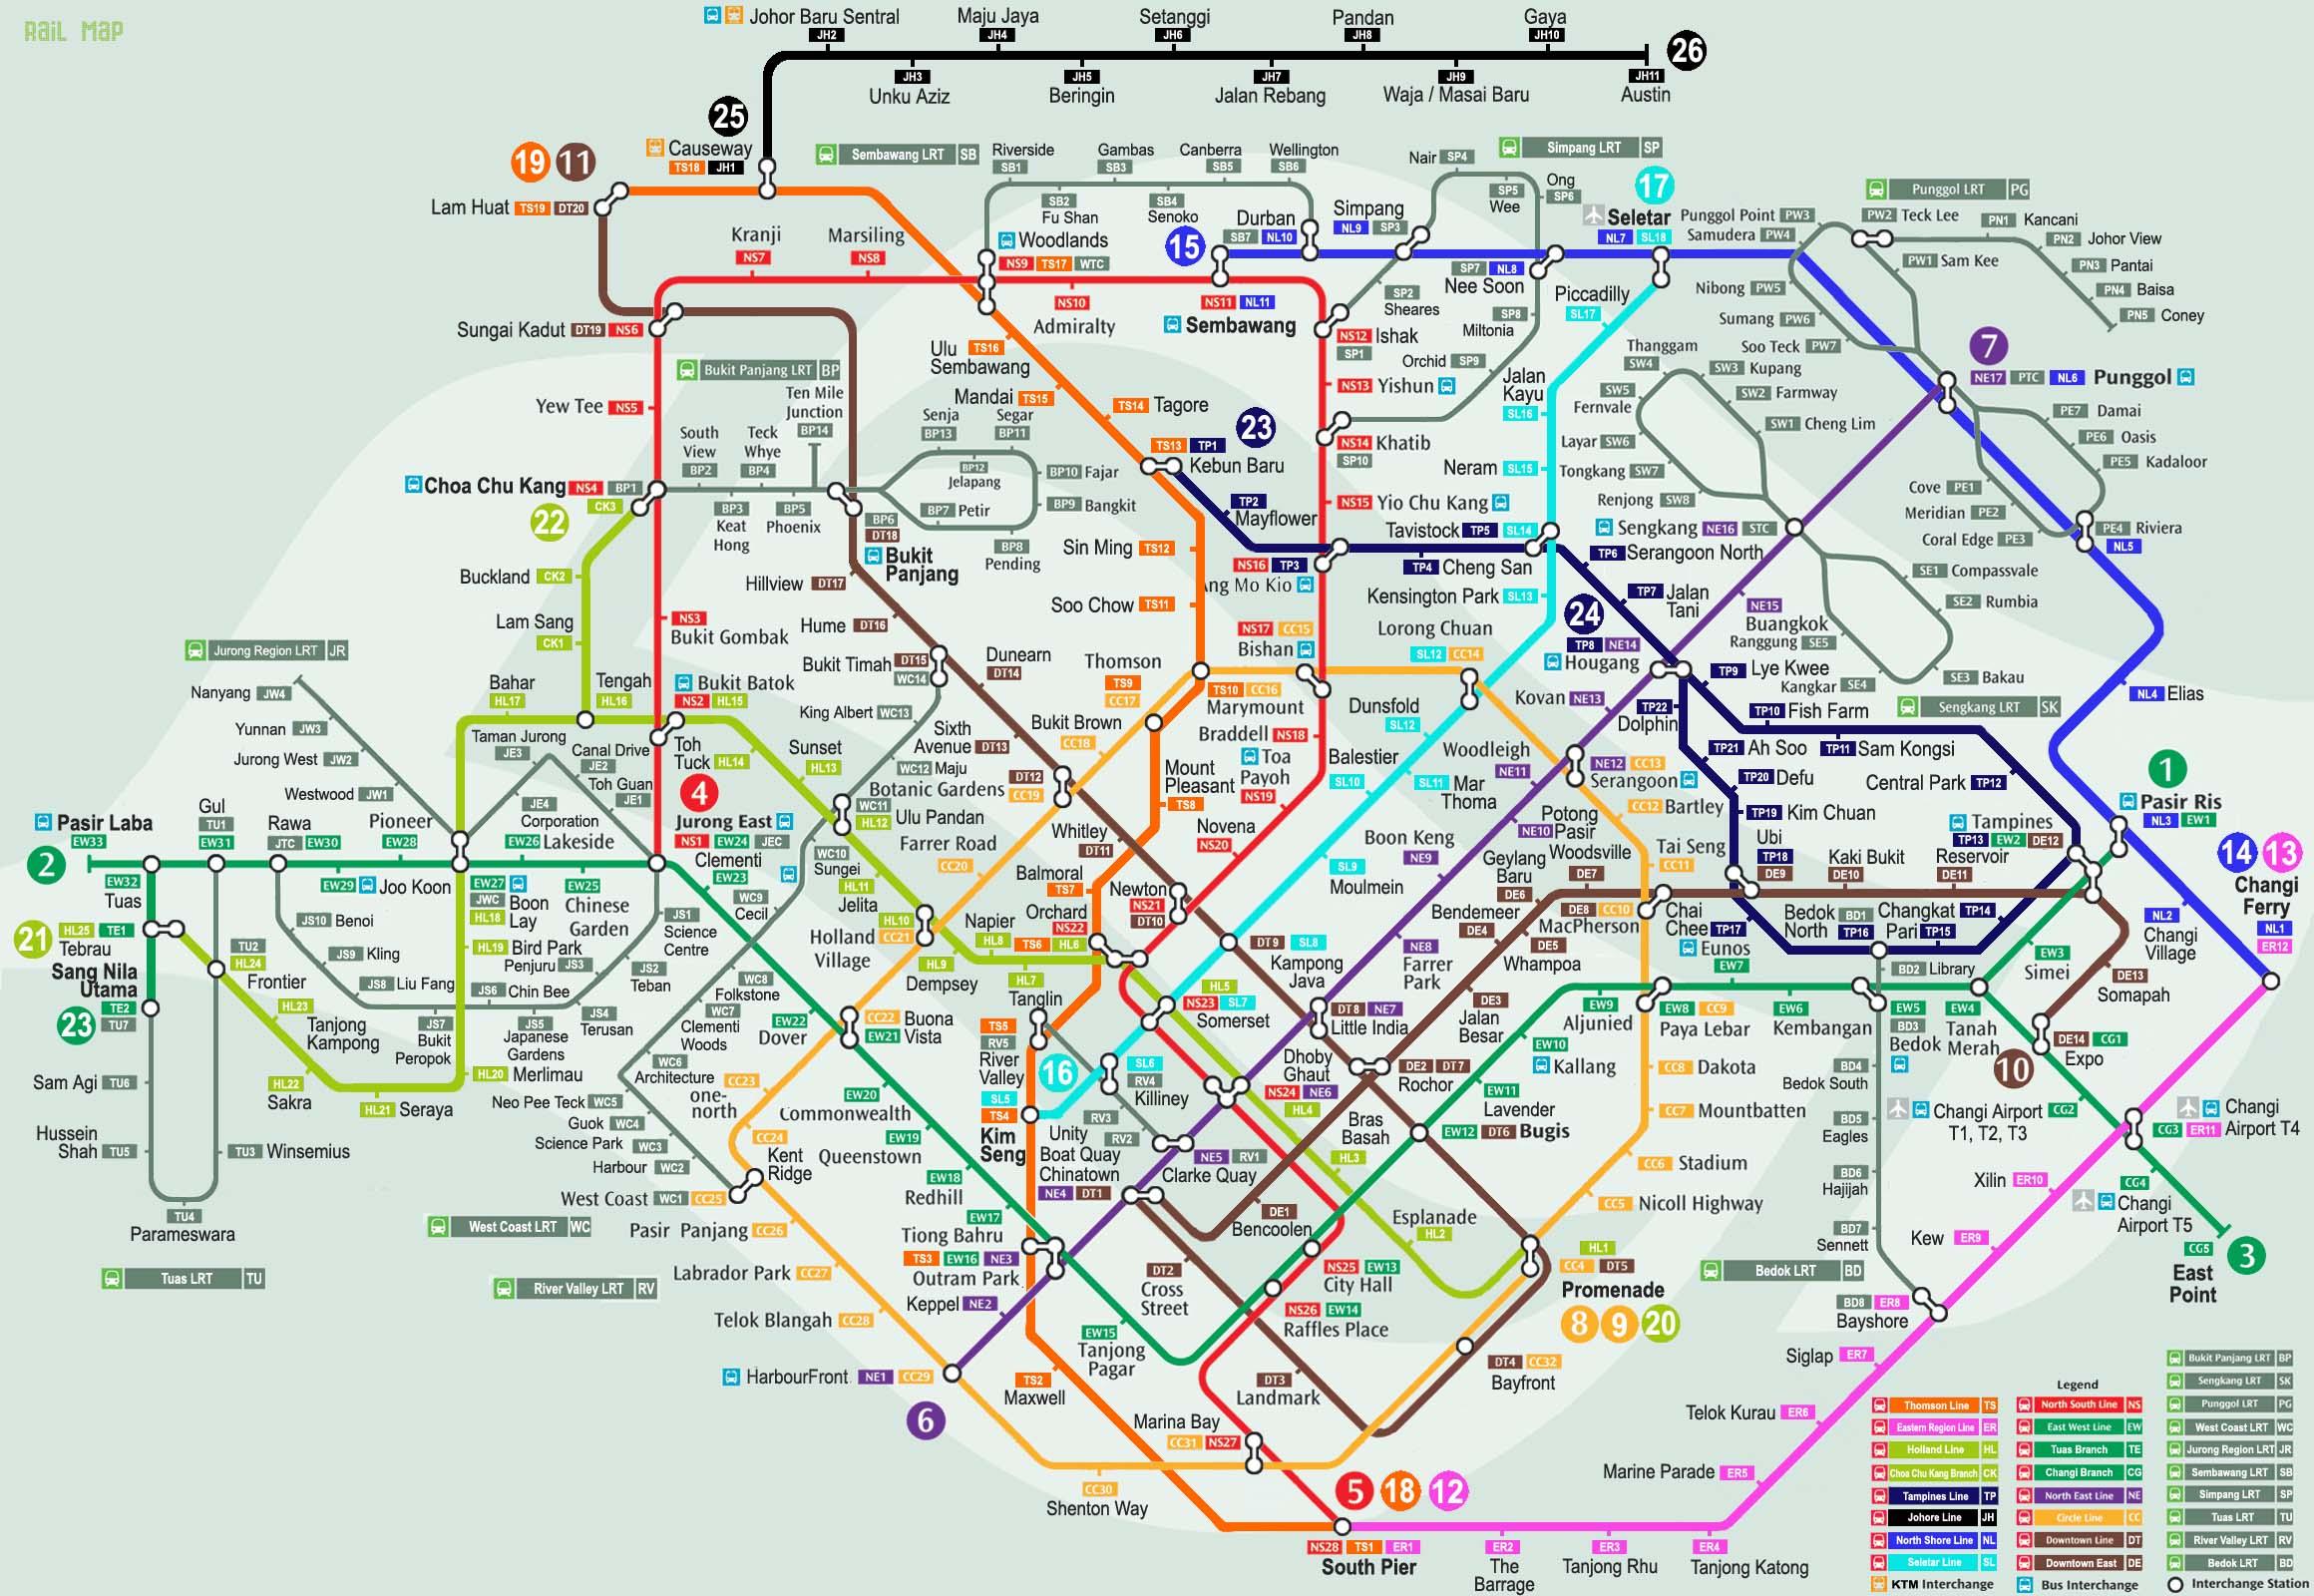 シンガポールMRT路線図、完成予想図(2050年)